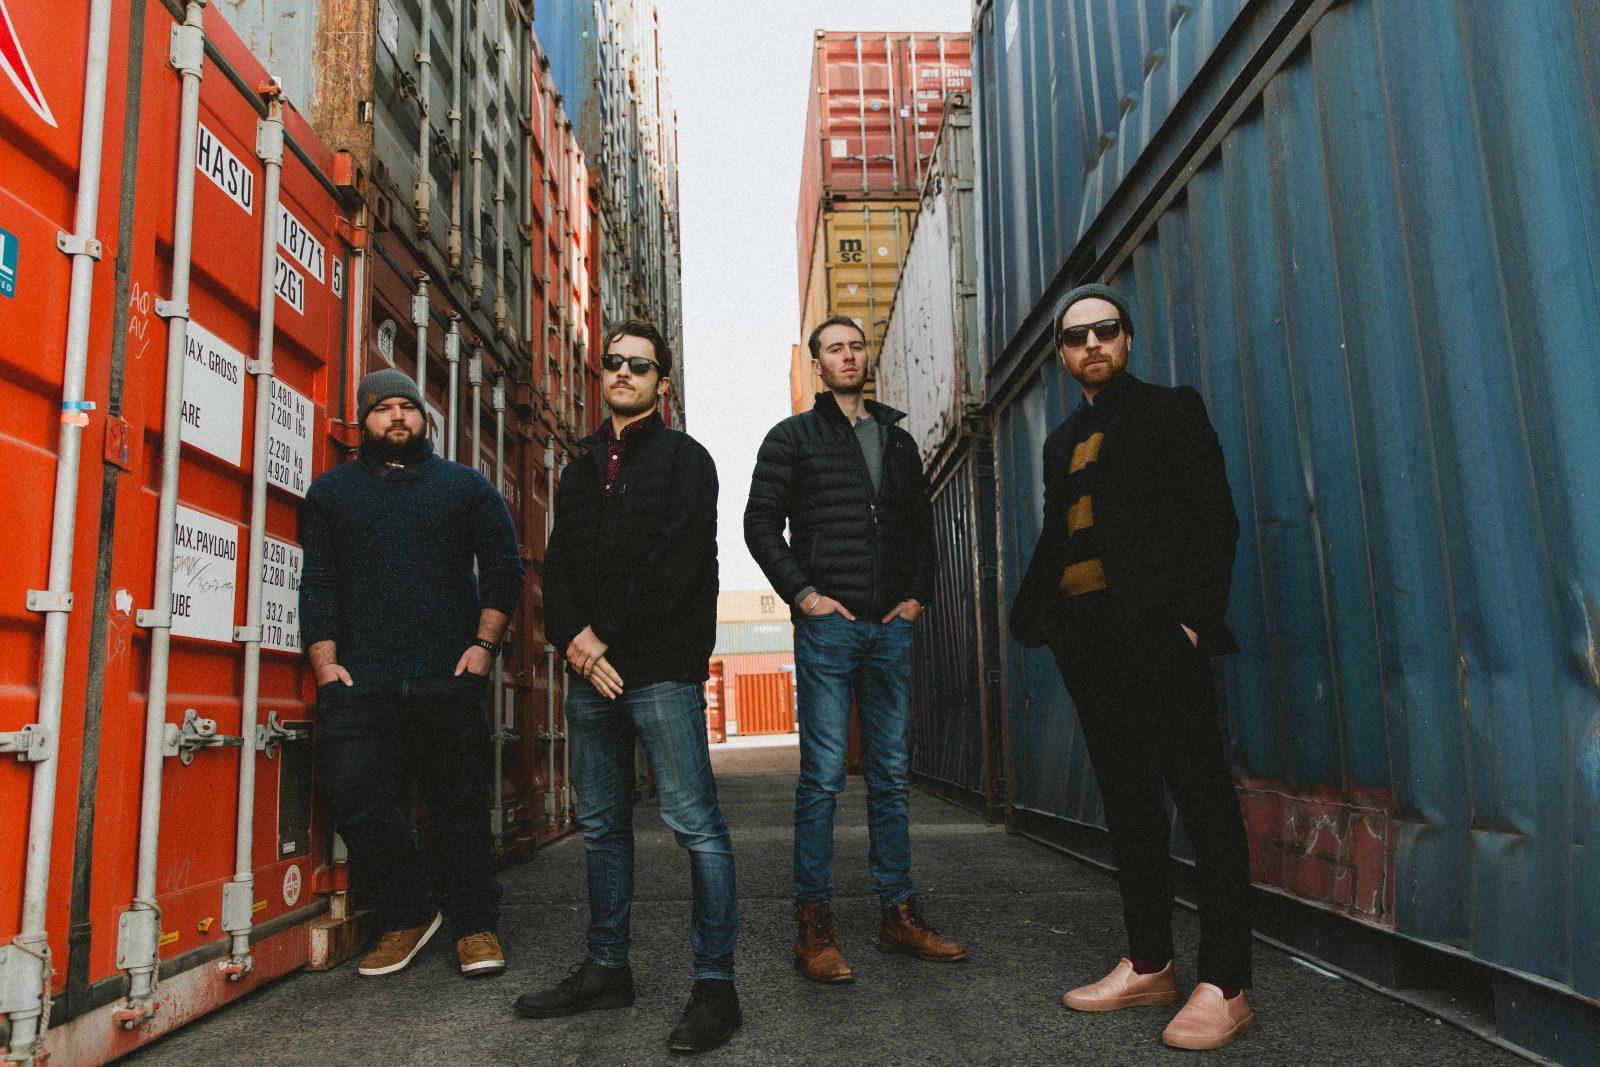 La formation Austerlitz lance un premier EP intitulé Futur Lumière